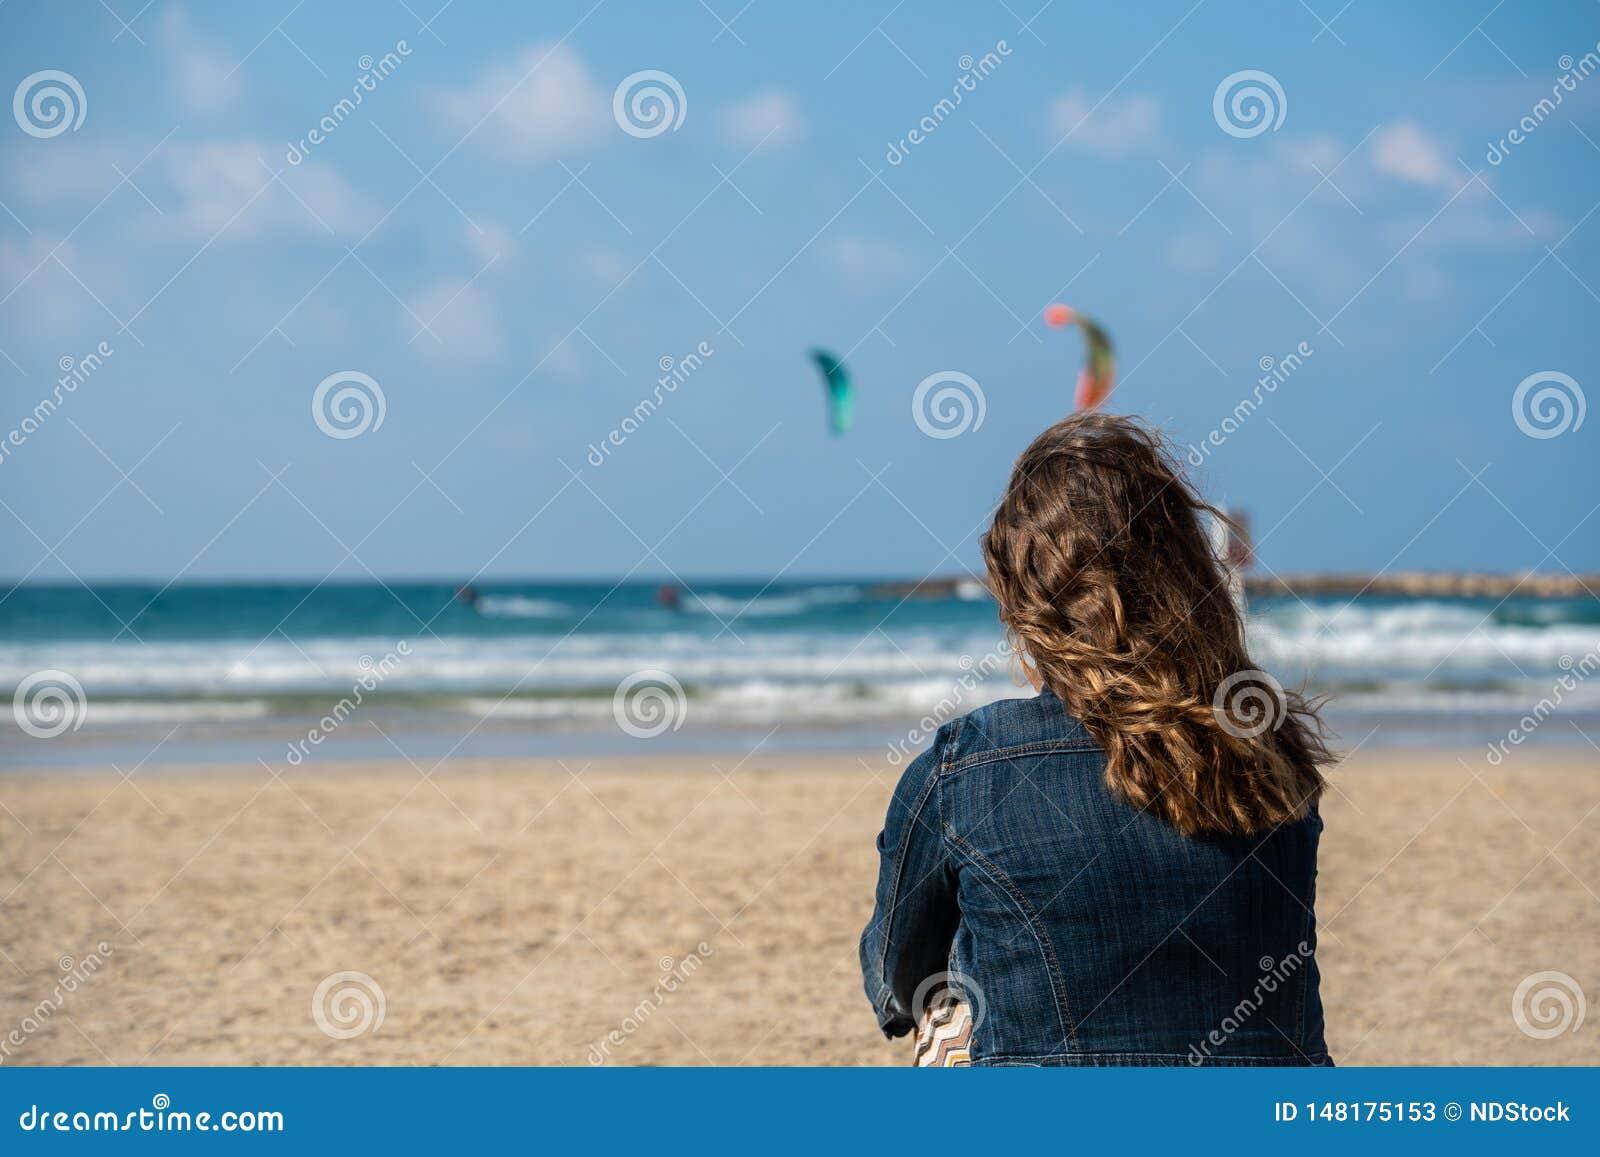 Obrazek kobieta patrzeje dwa kitesurfers w morzu na plaży